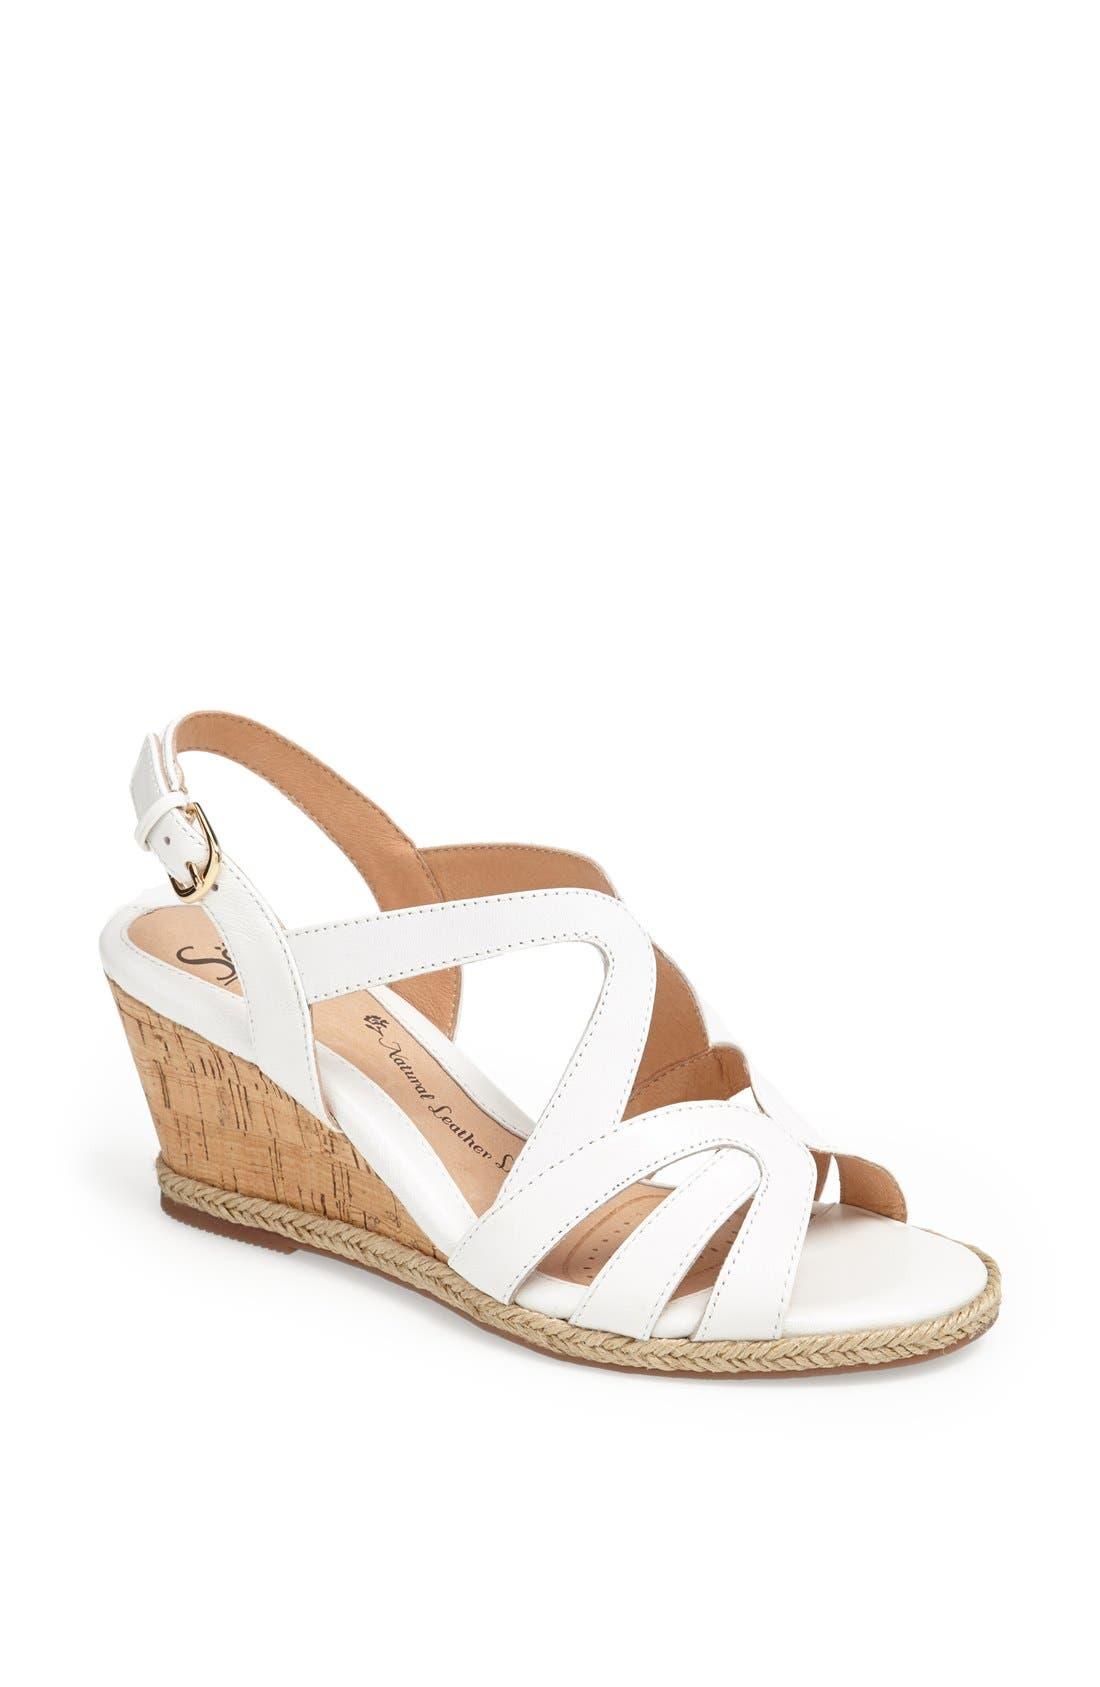 Alternate Image 1 Selected - Söfft 'Ilene' Wedge Sandal